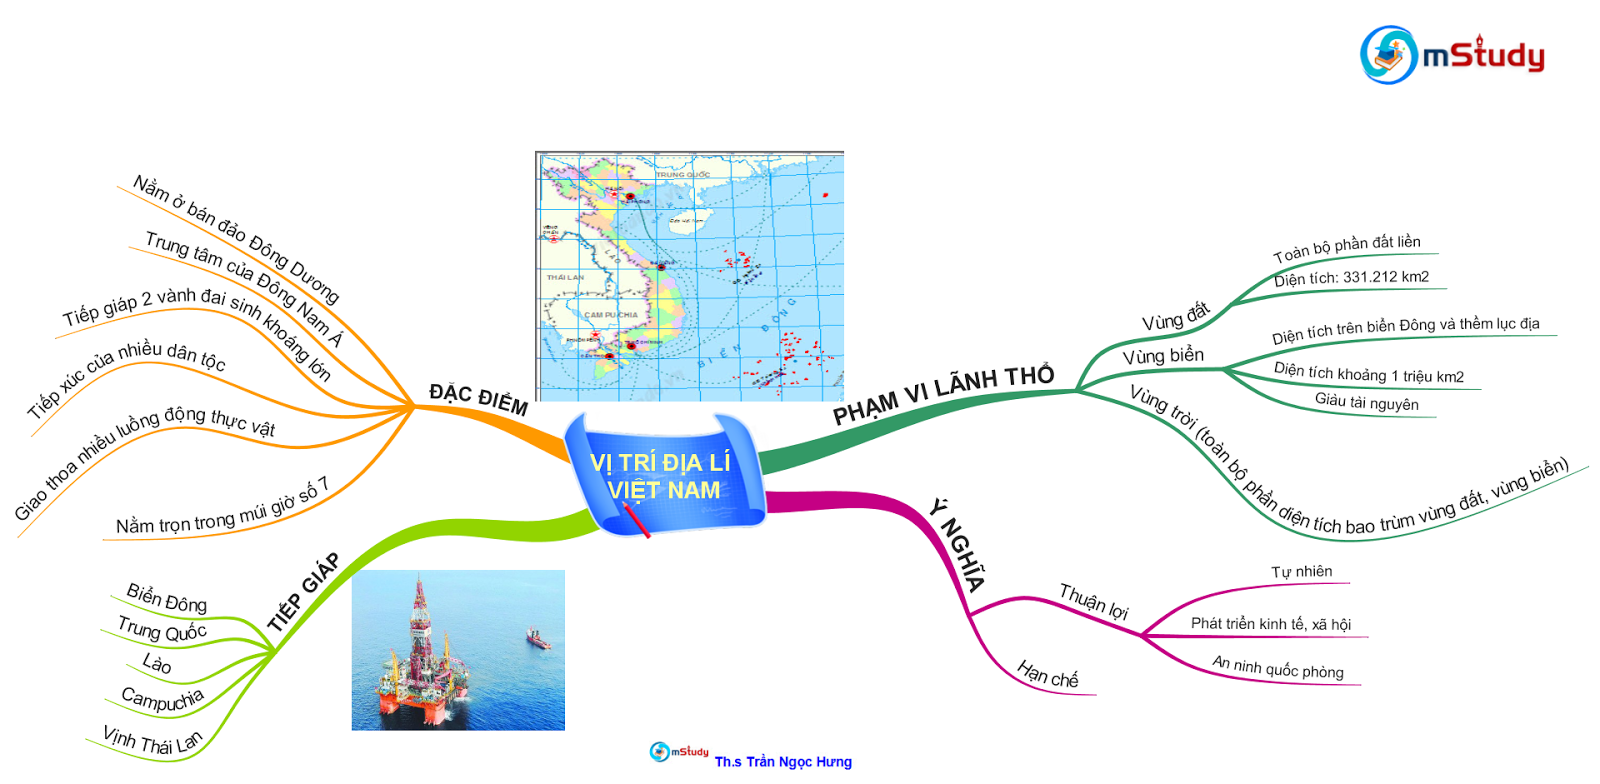 Học địa lý bằng sơ đồ tư duy lớp 12 (Phần 3)